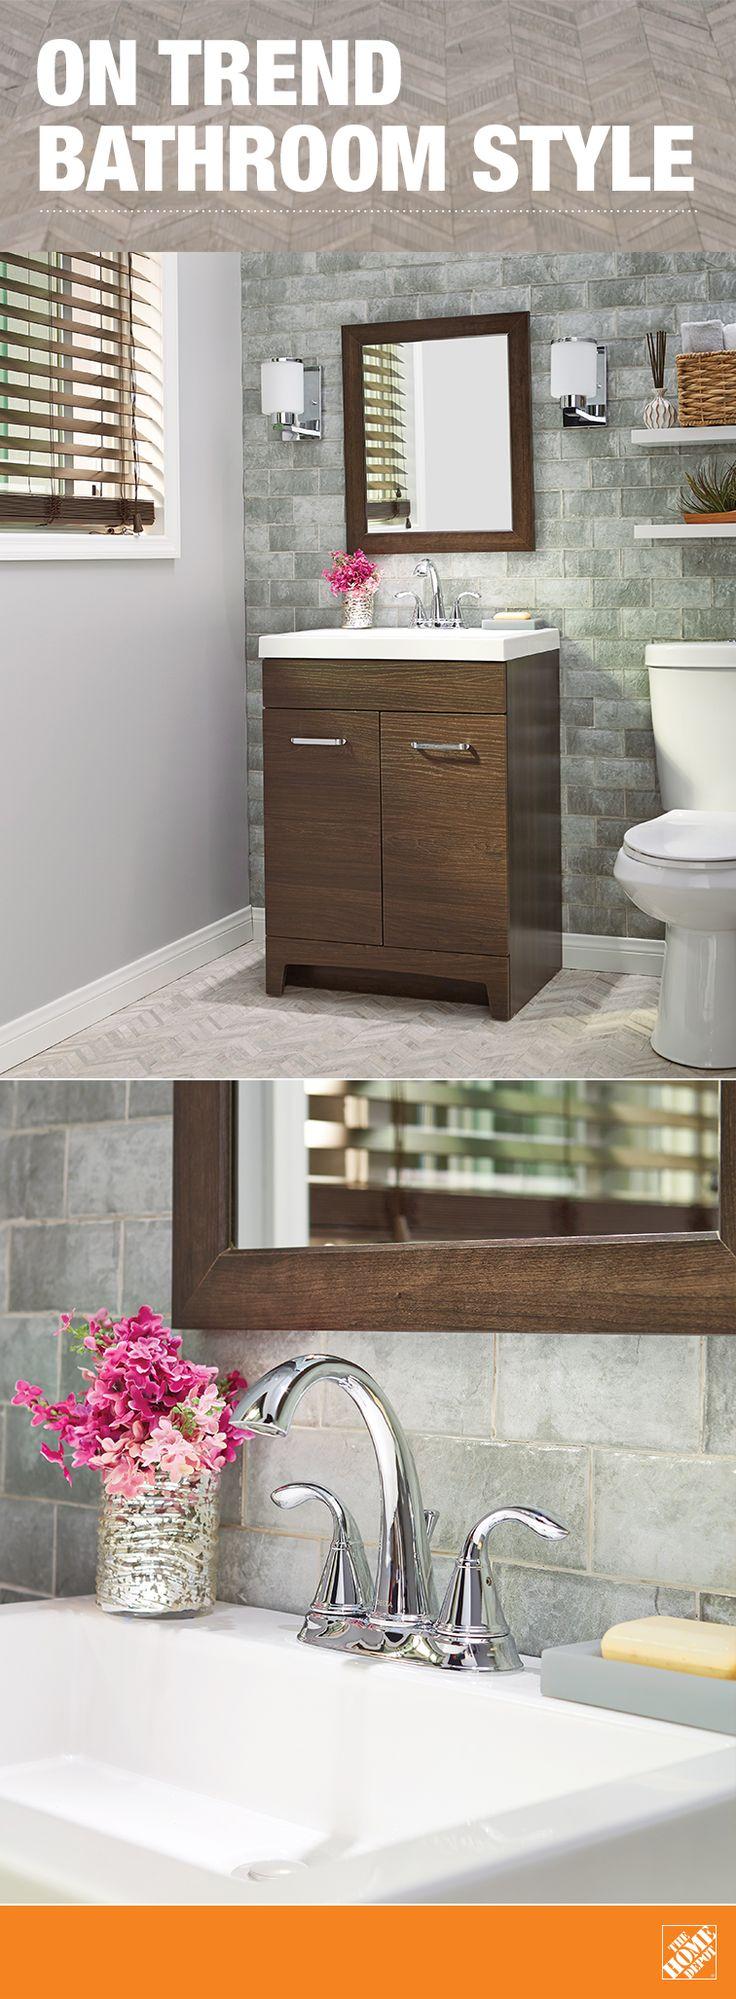 Best Kitchen Gallery: 415 Best Bathroom Design Ideas Images On Pinterest Bathroom Ideas of Bathrooms Design Ideas  on rachelxblog.com